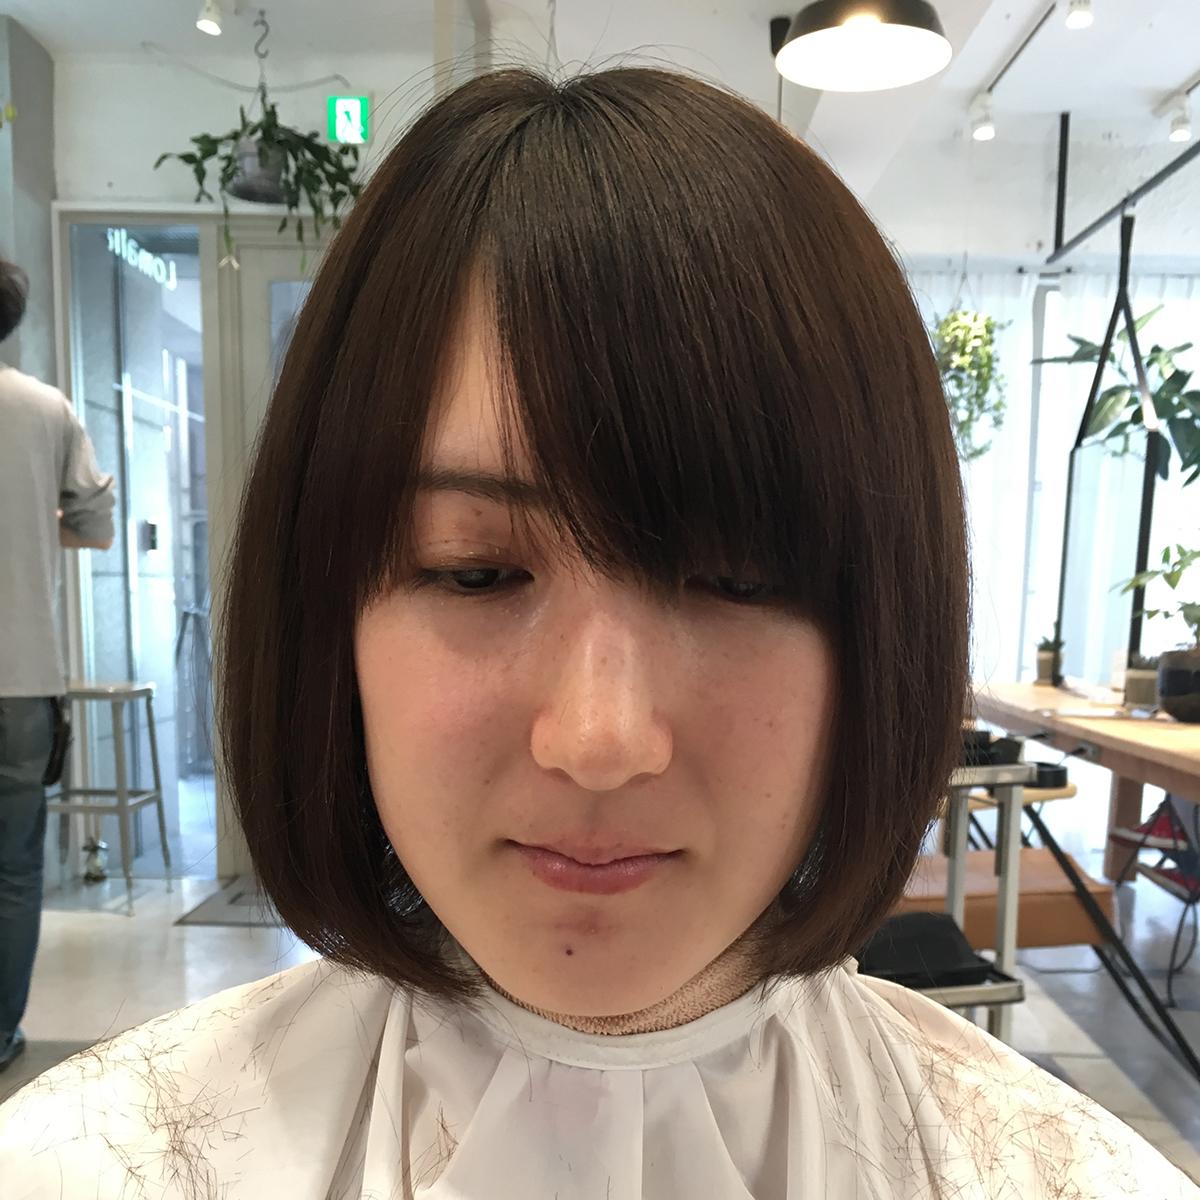 前髪長めのayakaちゃん